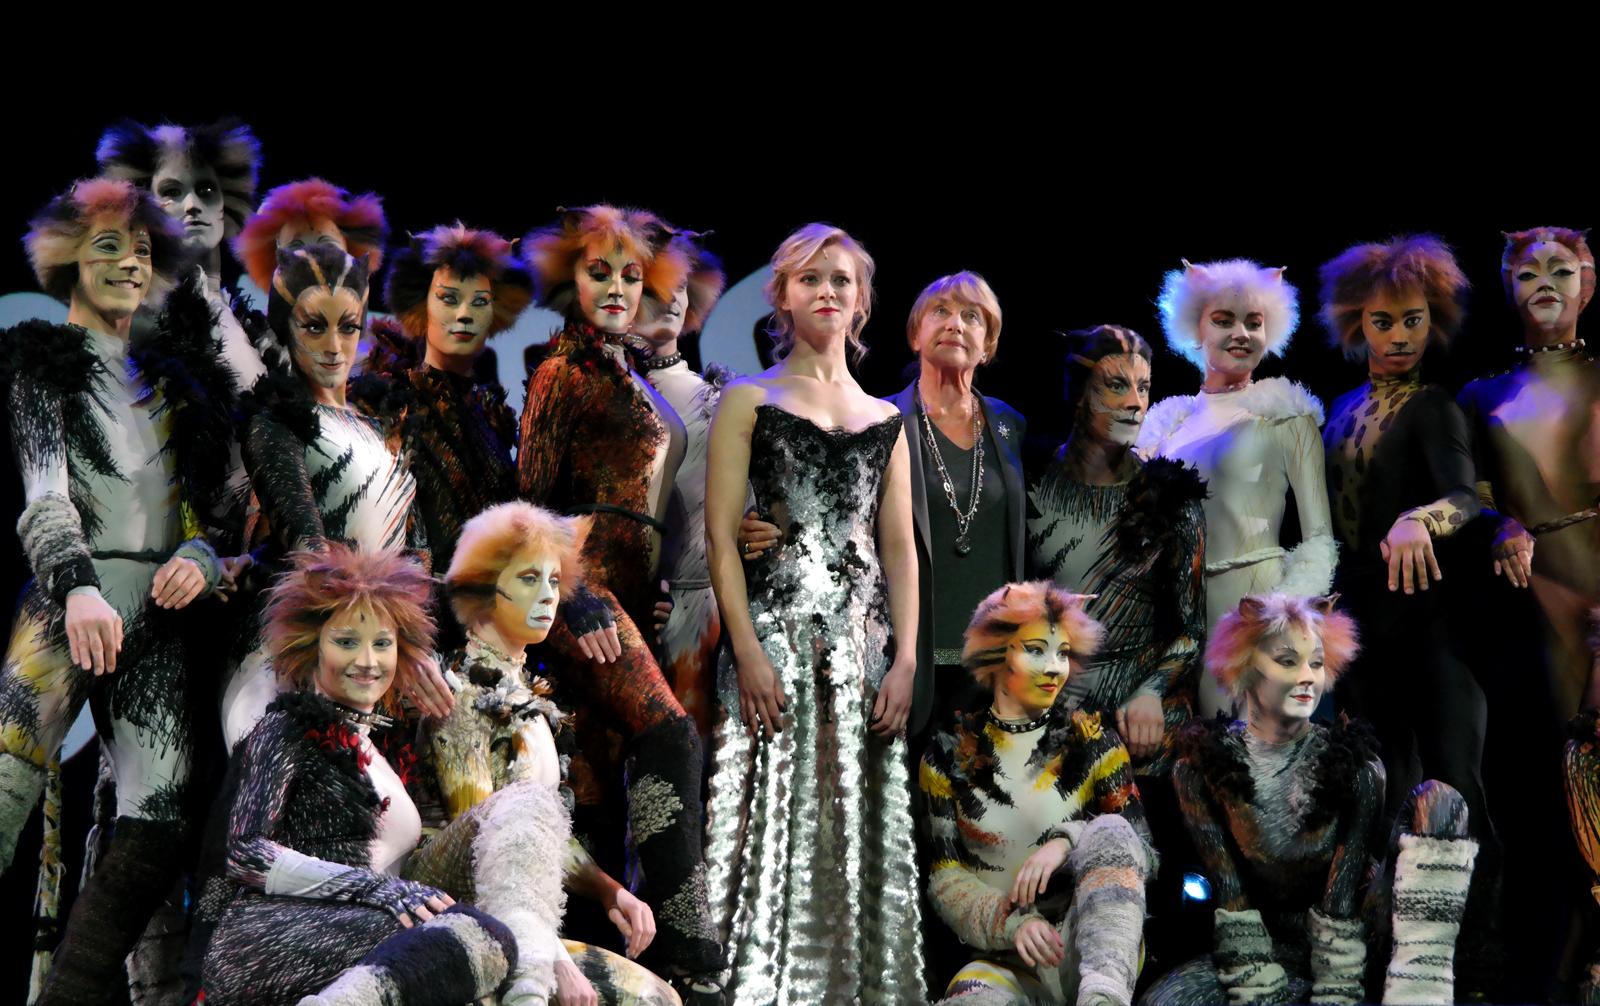 Prisca Demarez et la troupe anglaise de Cats le Musical Gillian Lynne chorégraphe Théâtre Mogador photo scène by united states of paris blog